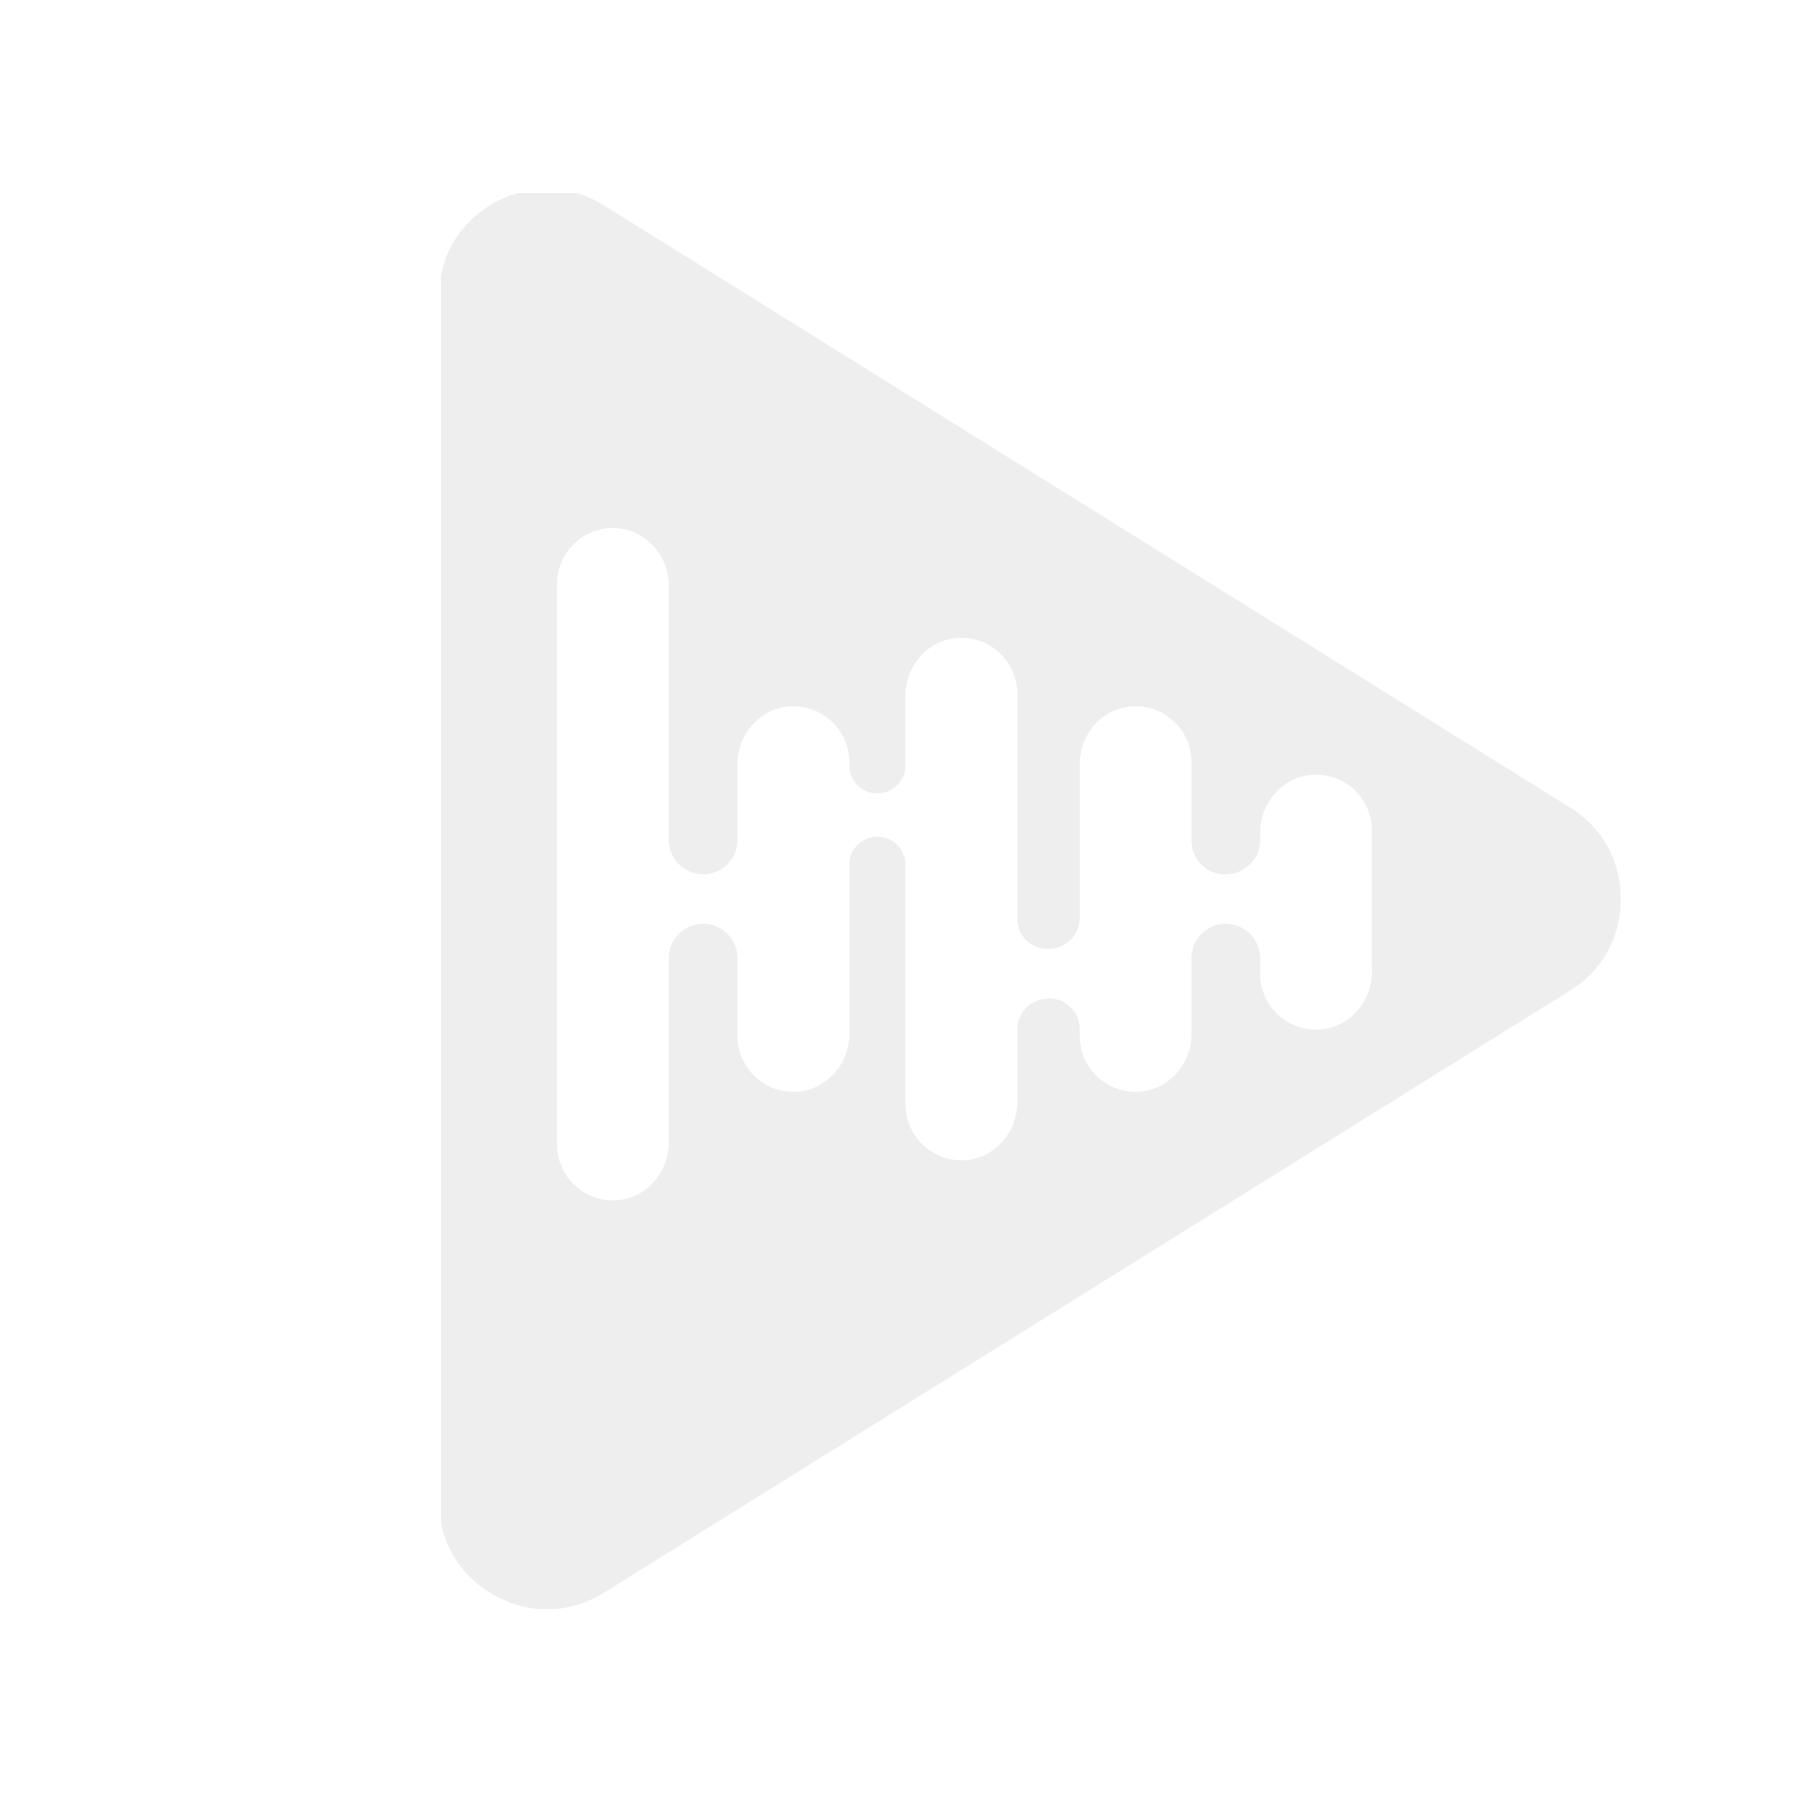 Zapco Z-150.4 II